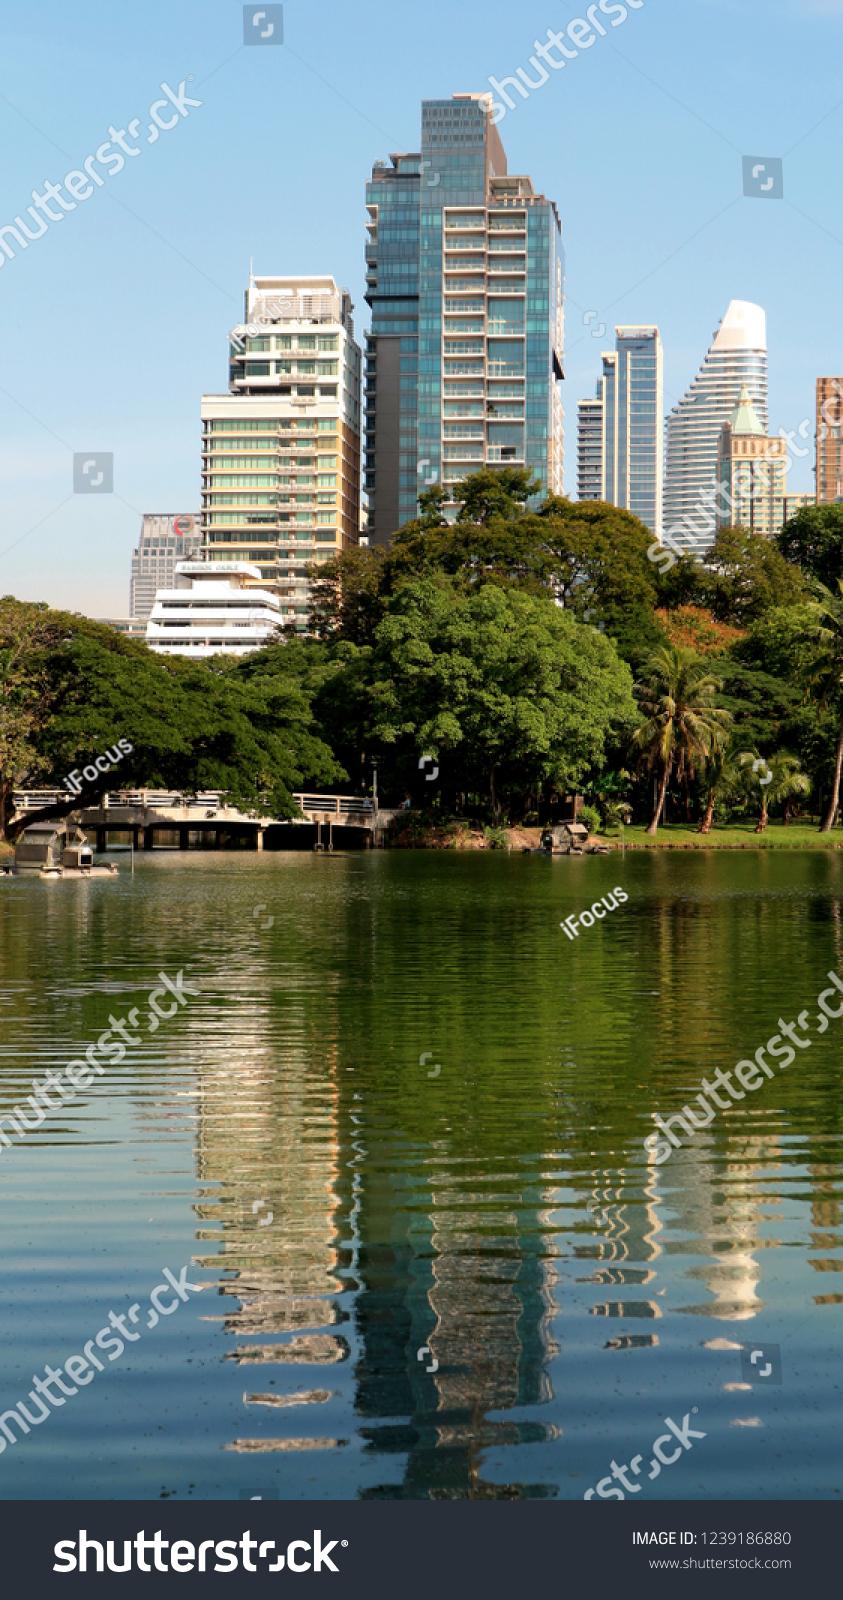 BANGKOK THAILAND - NOVEMBER 24, 2018: Modern buildings reflect in a small lake in Lumpini Park on November 24, 2018 in Bangkok, Thailand.